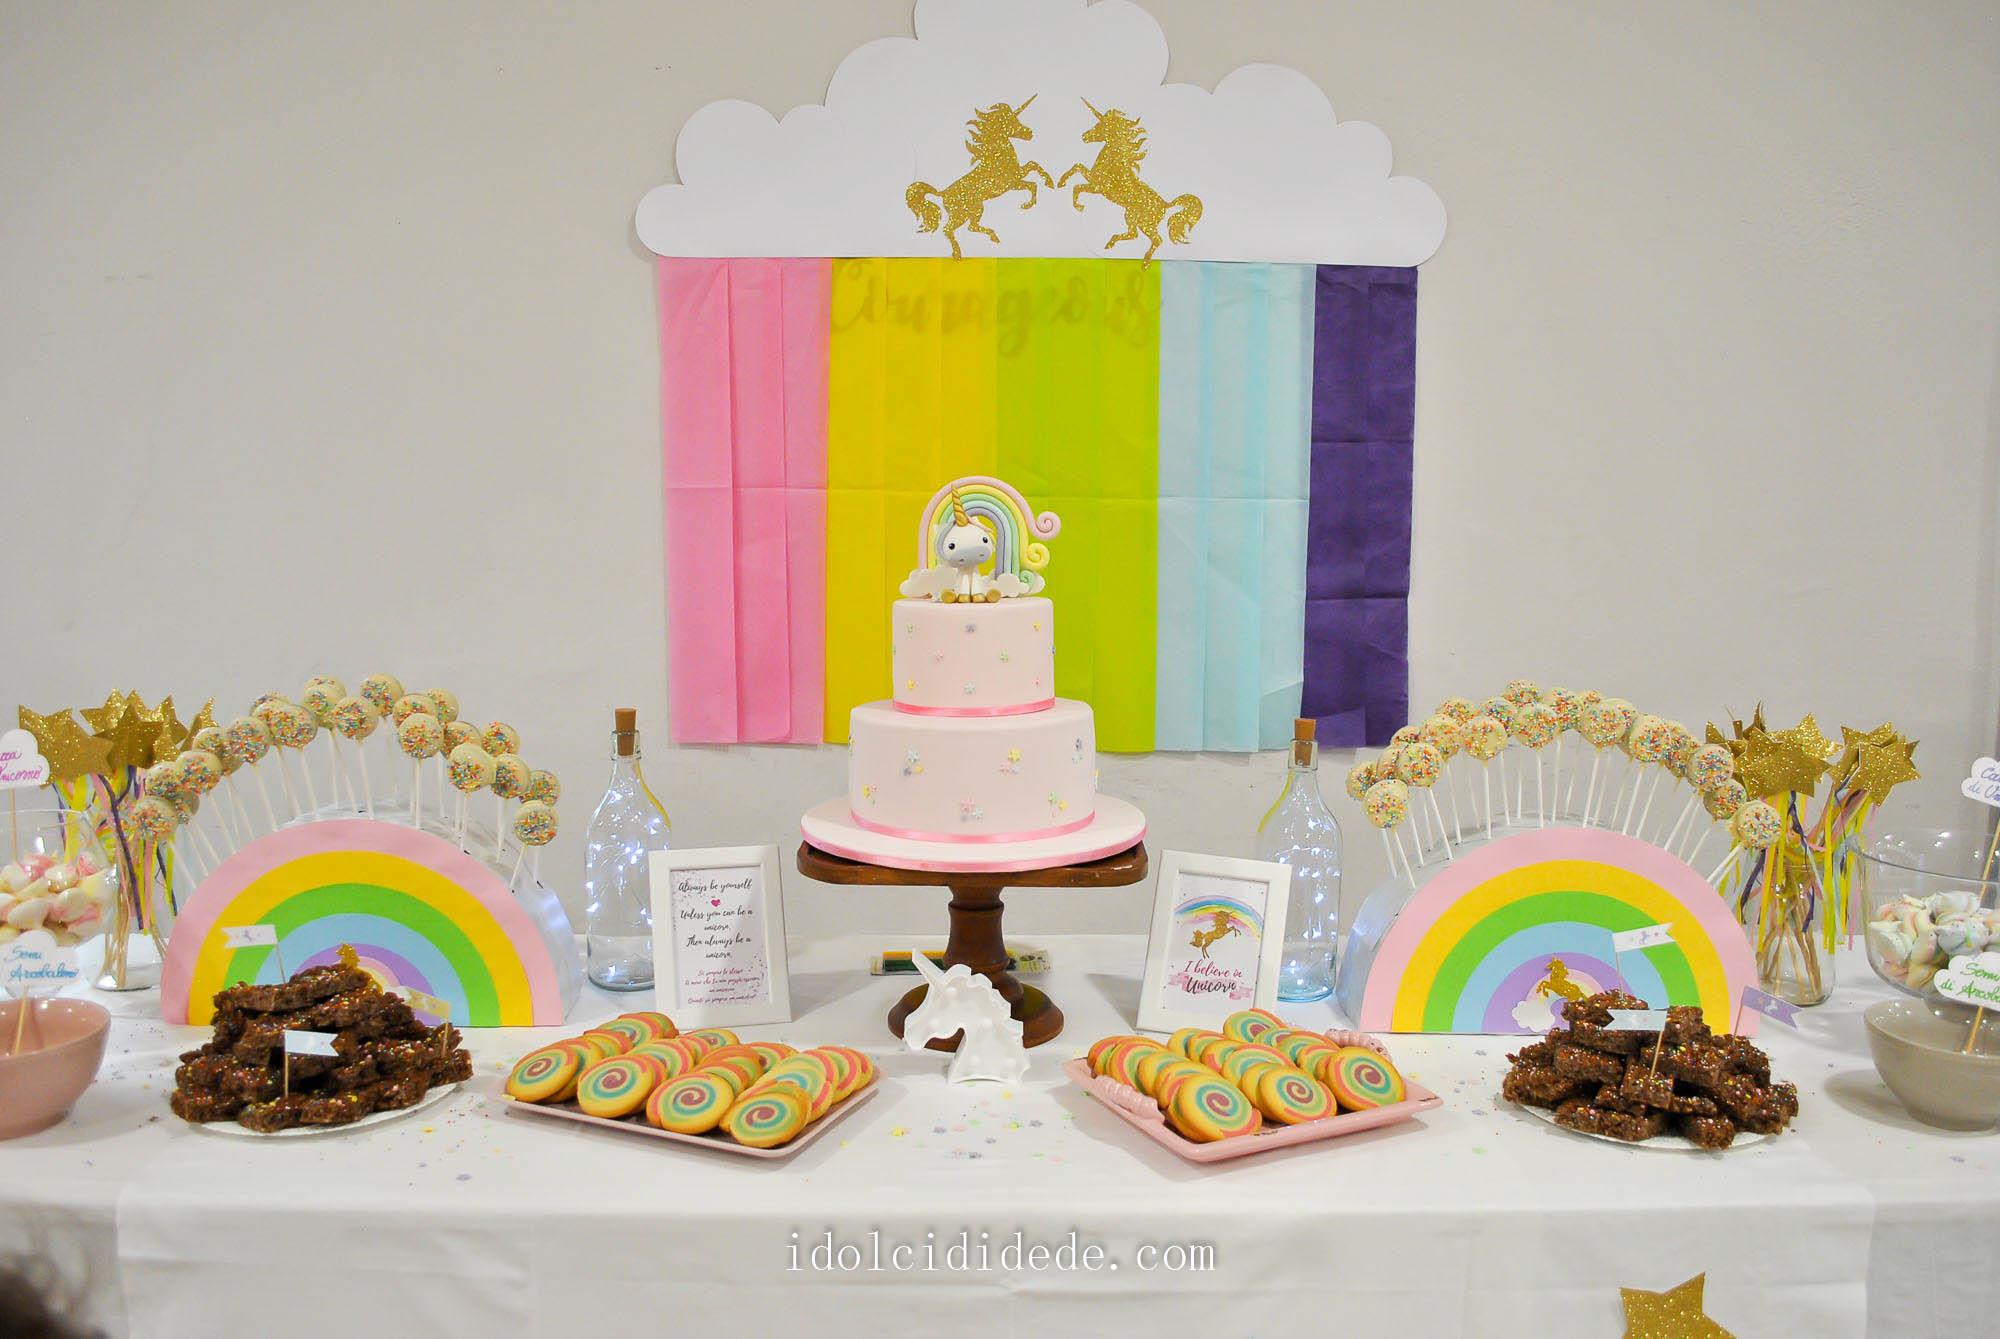 la torta protagonista